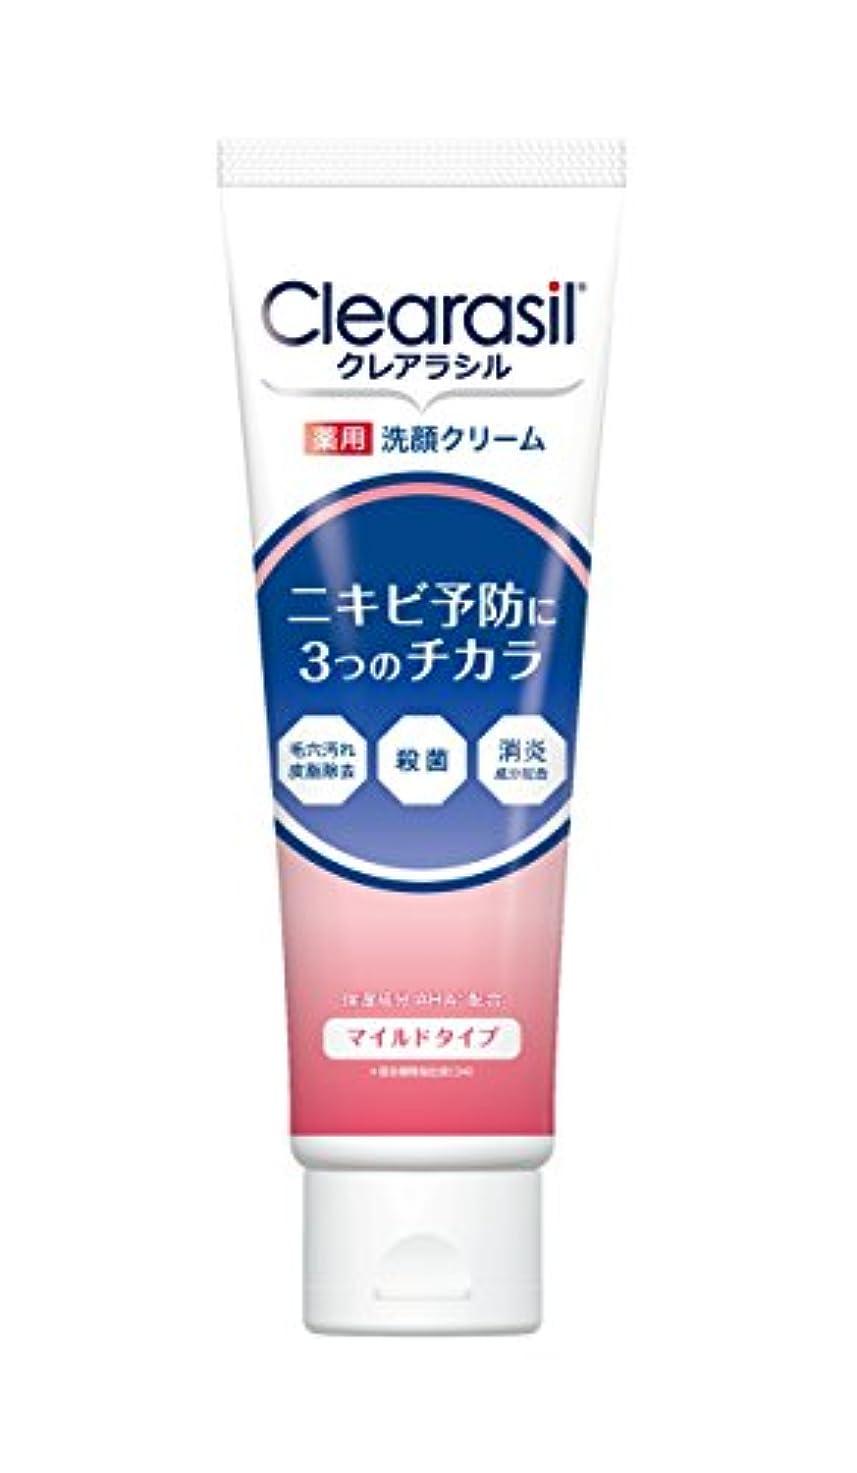 作り探偵グラマー【医薬部外品】クレアラシル薬用 洗顔クリーム  マイルドタイプ 120g